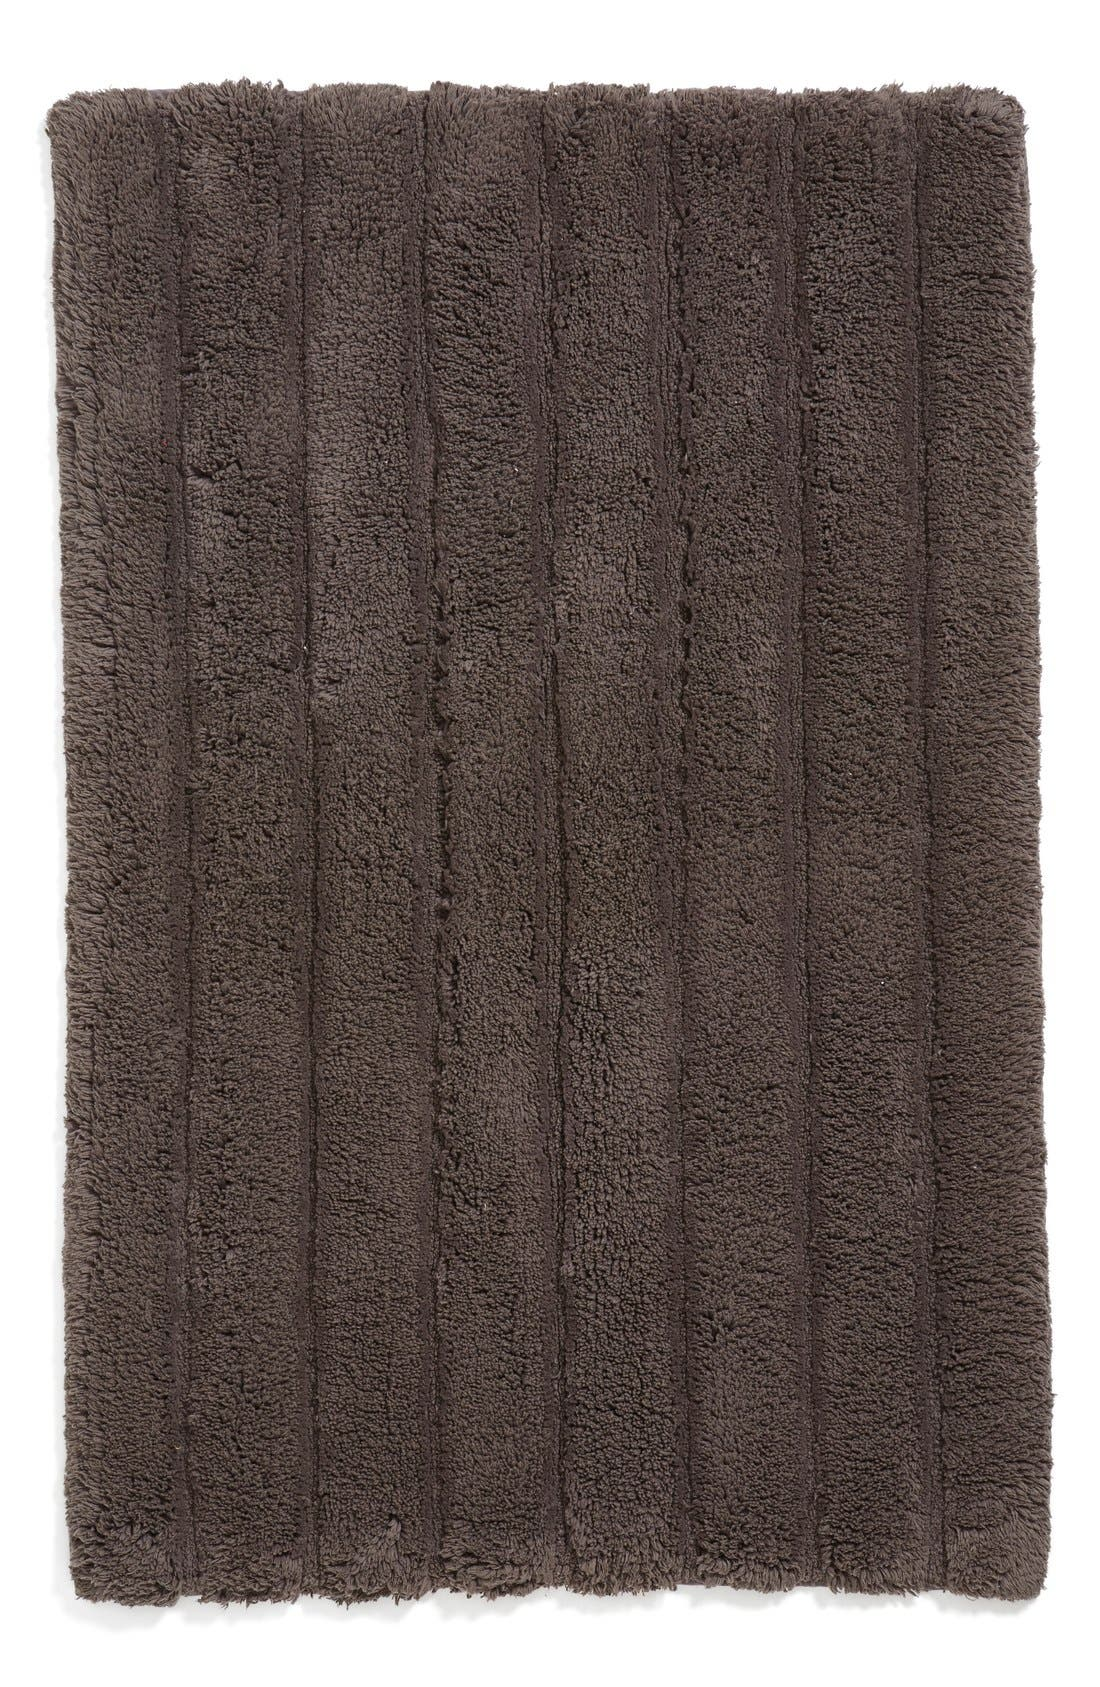 Ribbed Velour Bath Rug,                         Main,                         color, Grey Asphalt